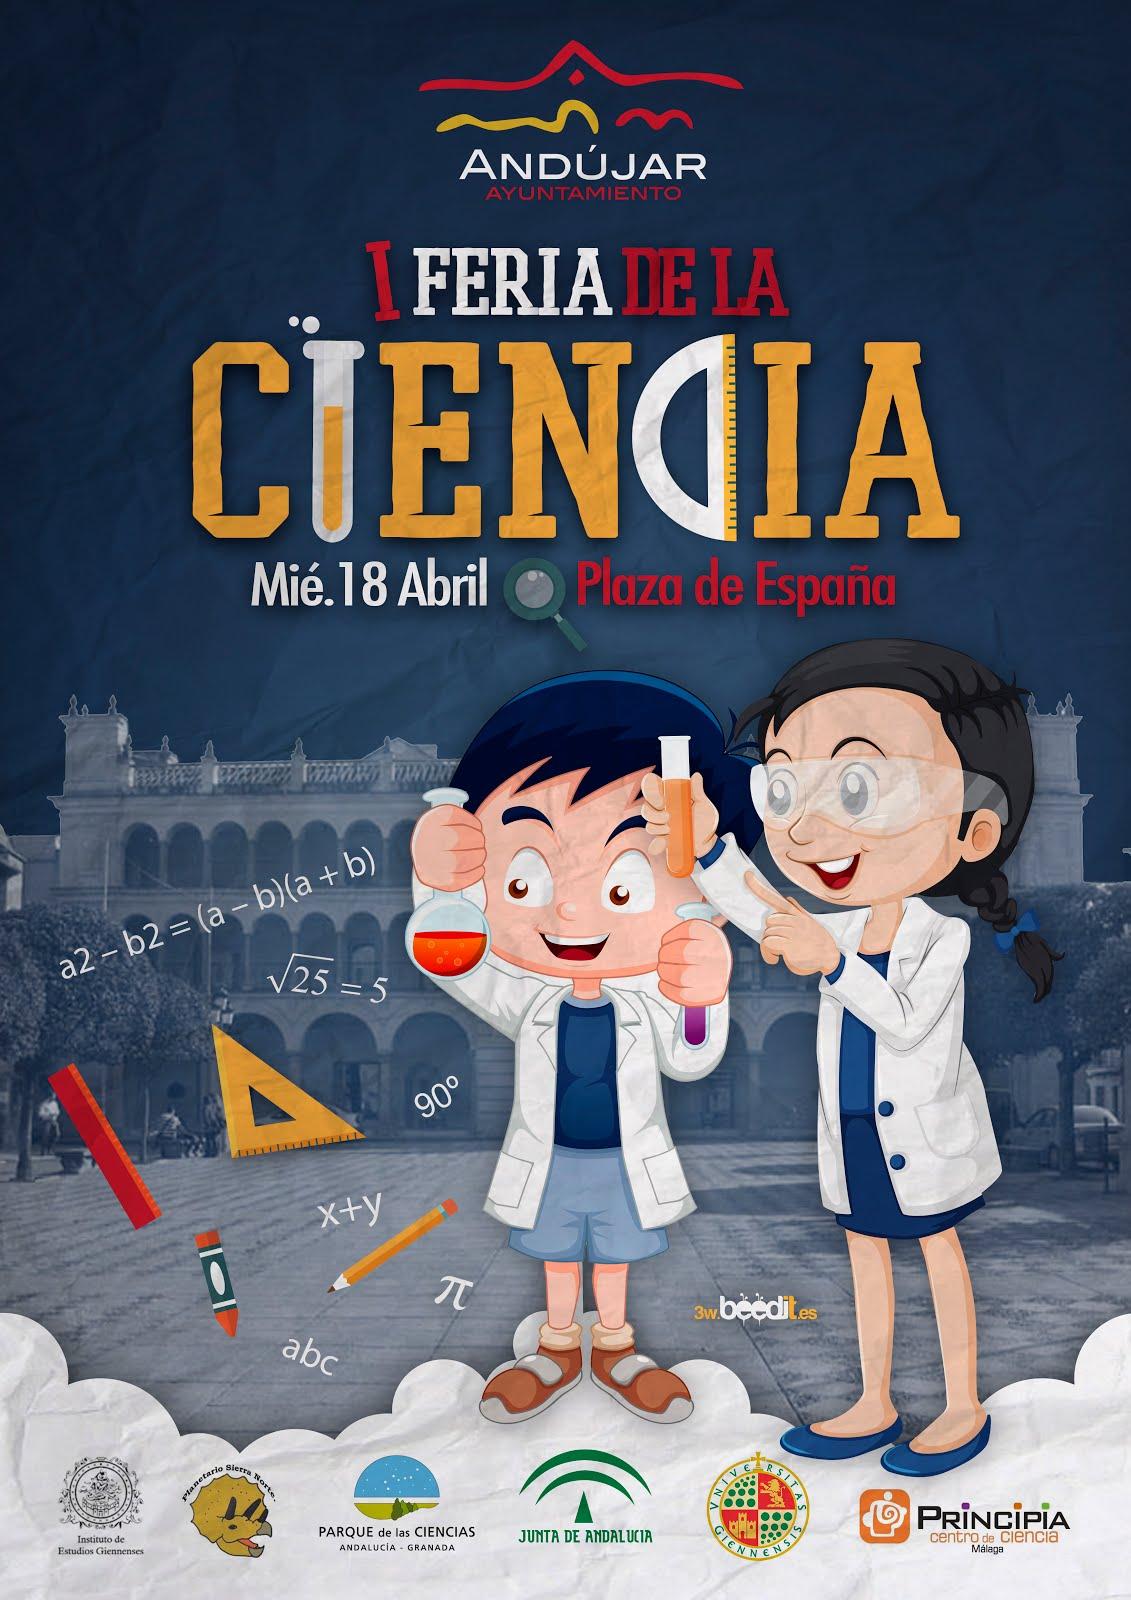 Feria de la Ciencia